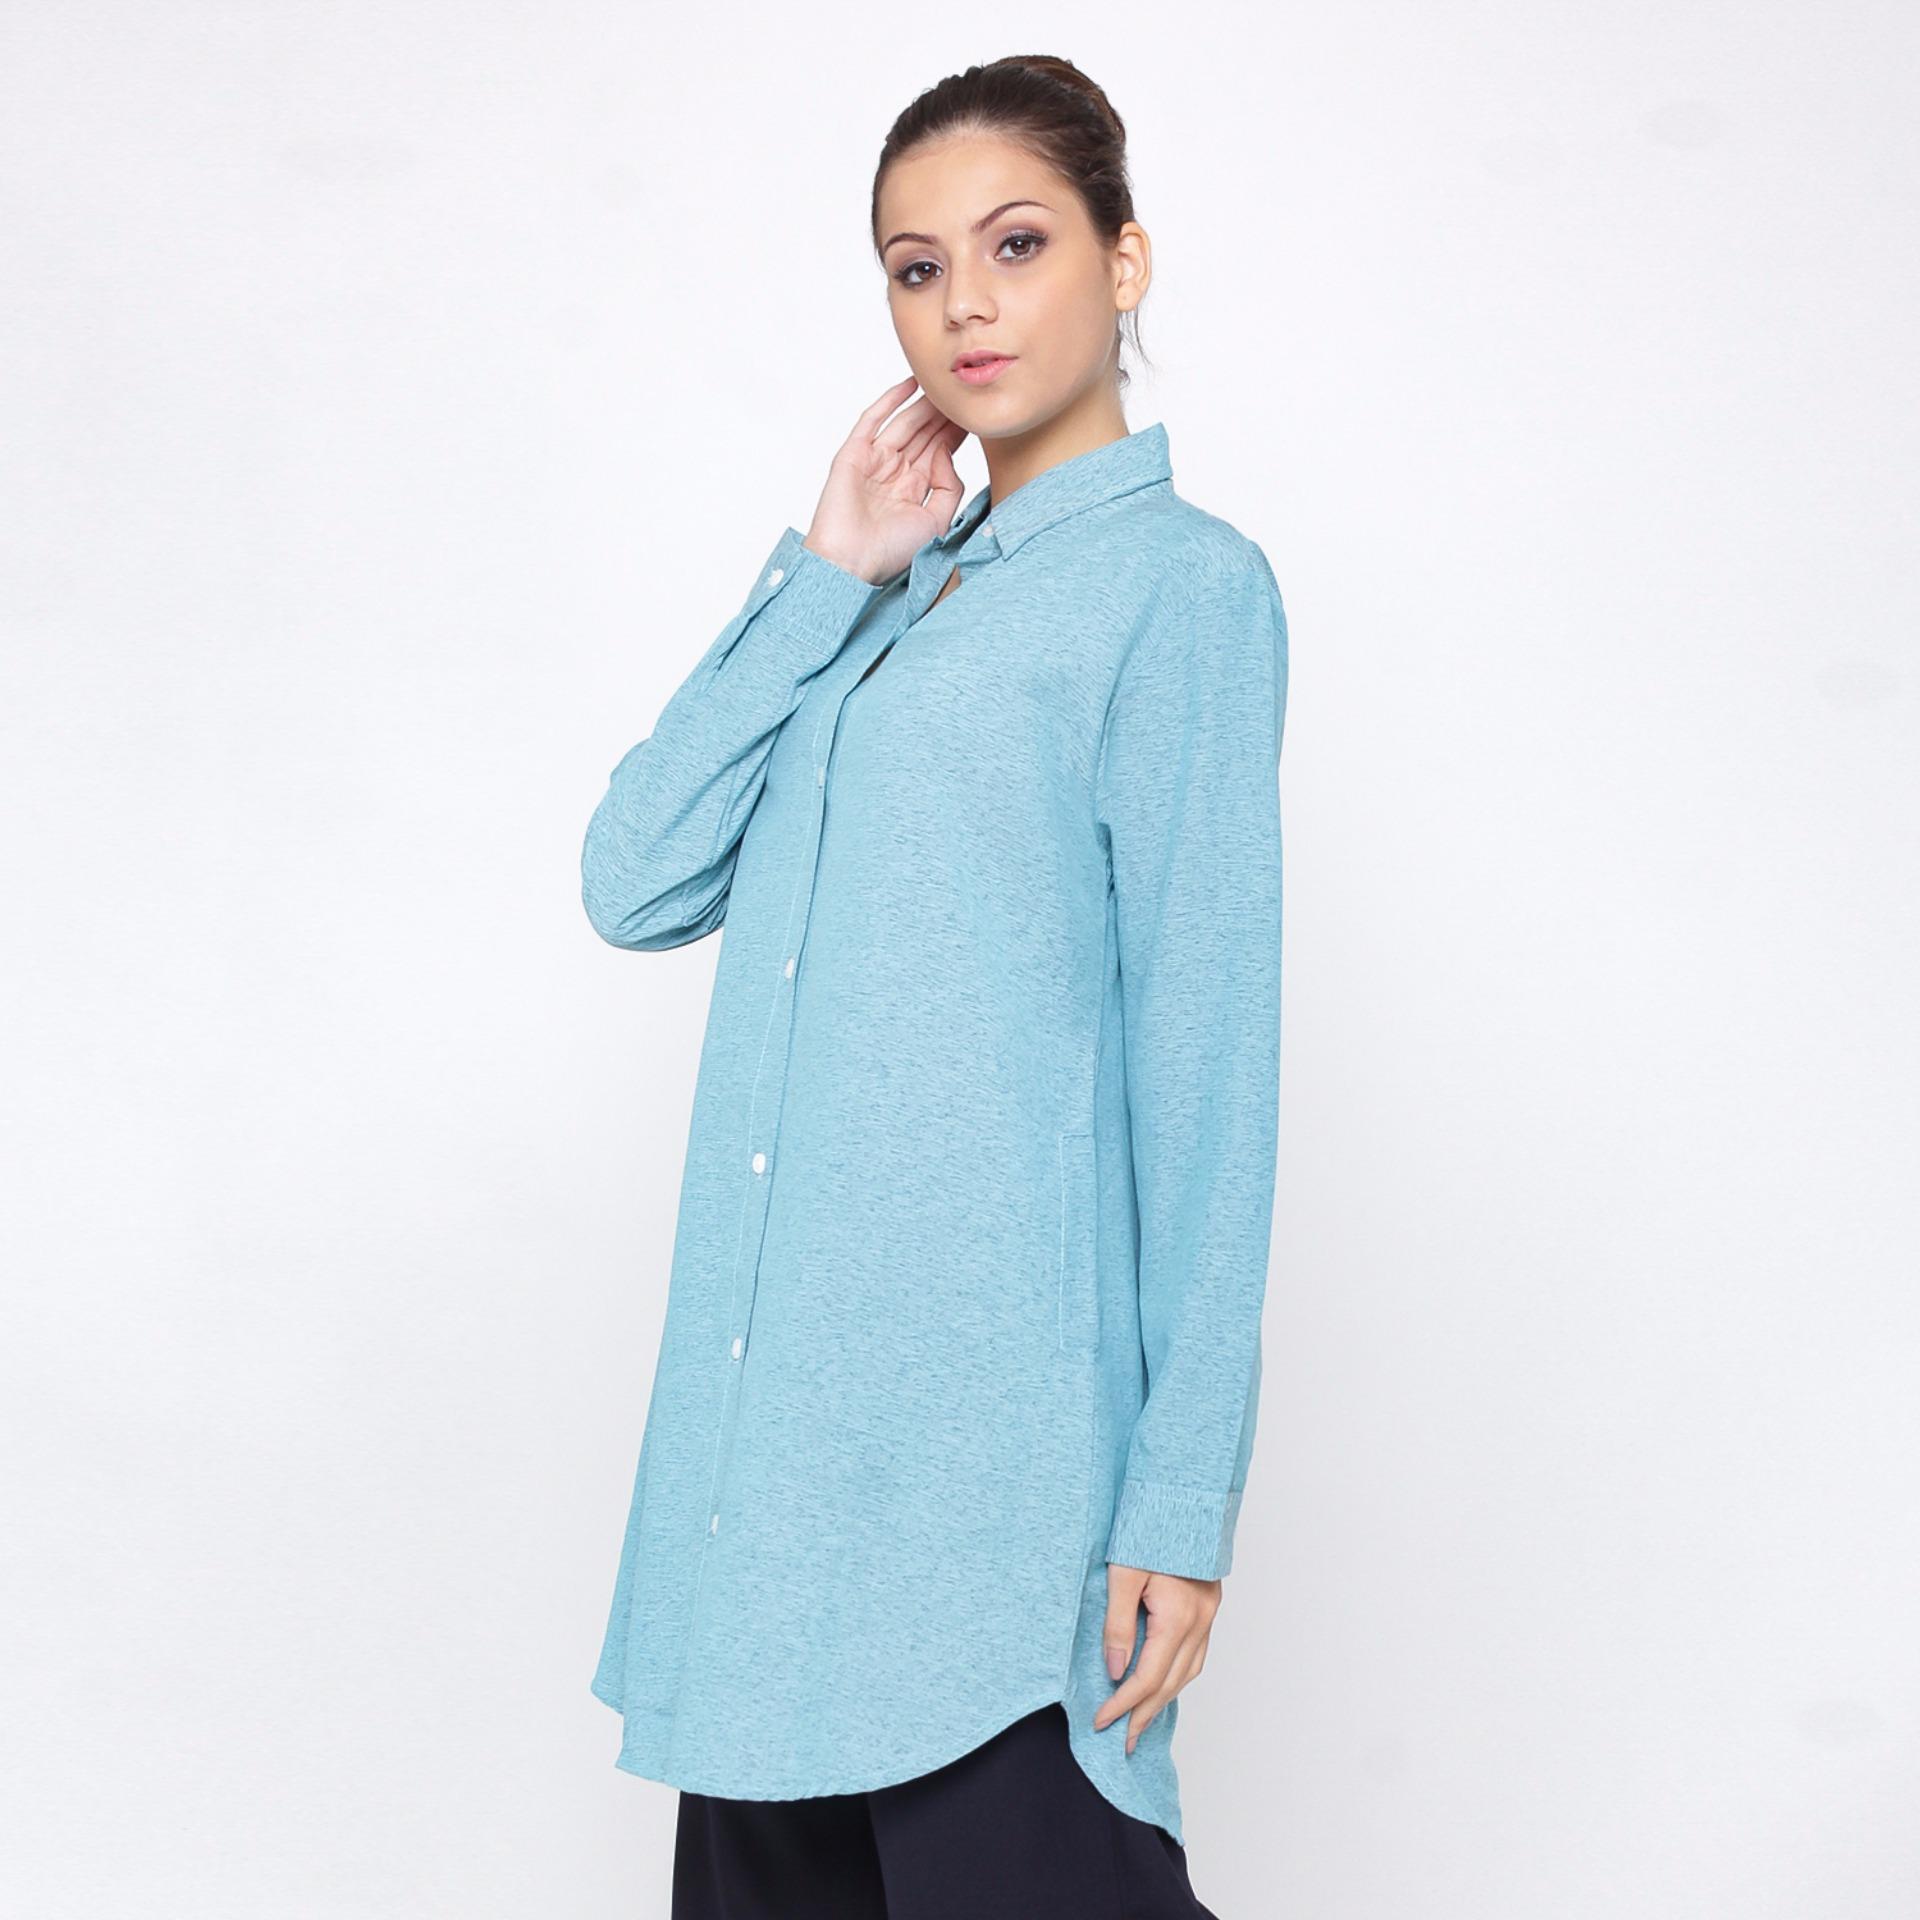 Jfashion New Wide Long Tunik Print Beludru 34 Sleeve Arimbi Biru Etchnic Fashion Elegan Shareen Wanita Tangan Panjang Arumi